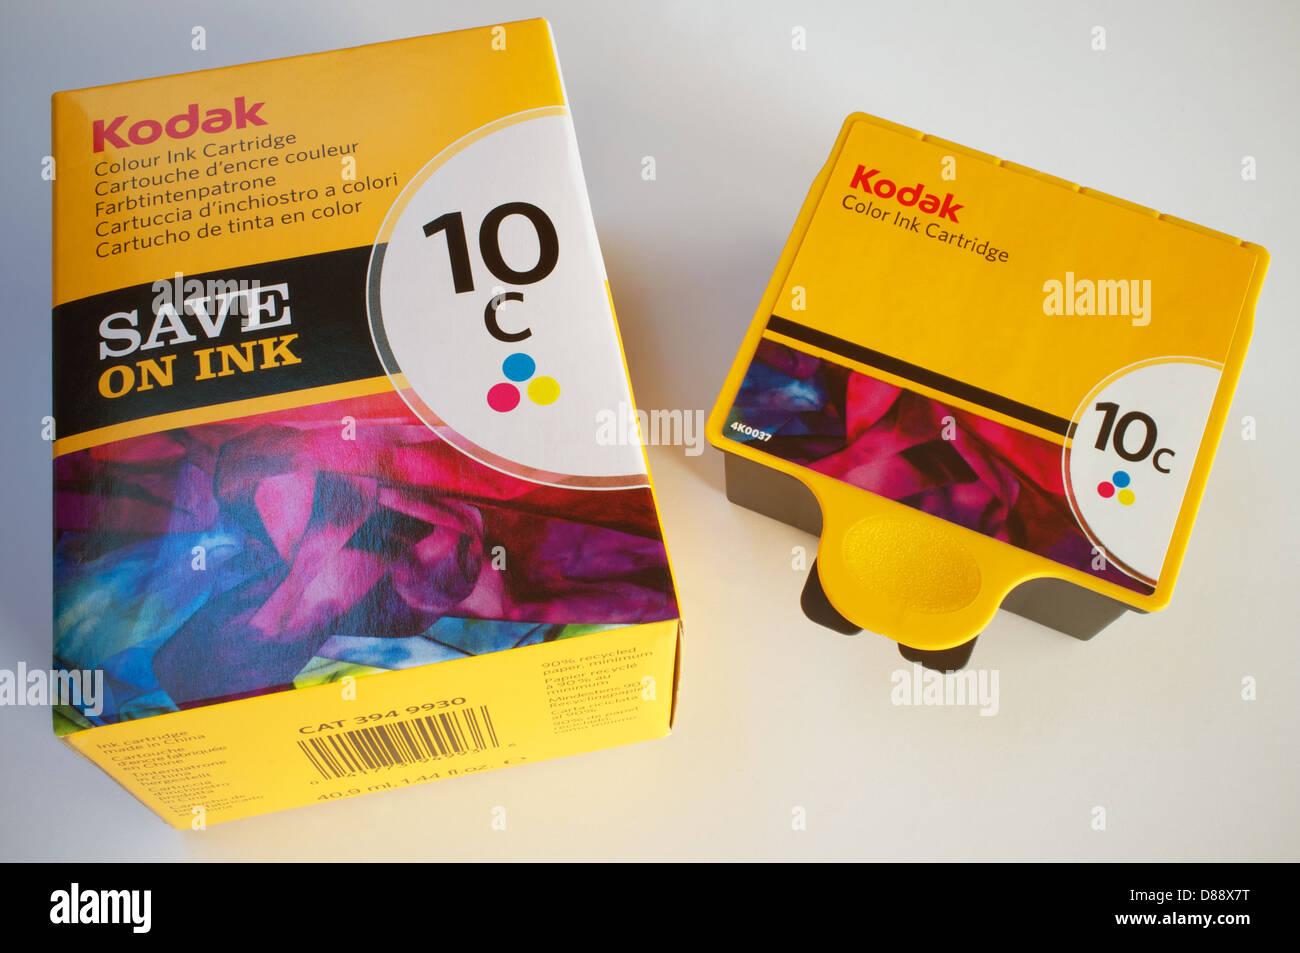 Kodak 10c Color Ink Printer Cartridge